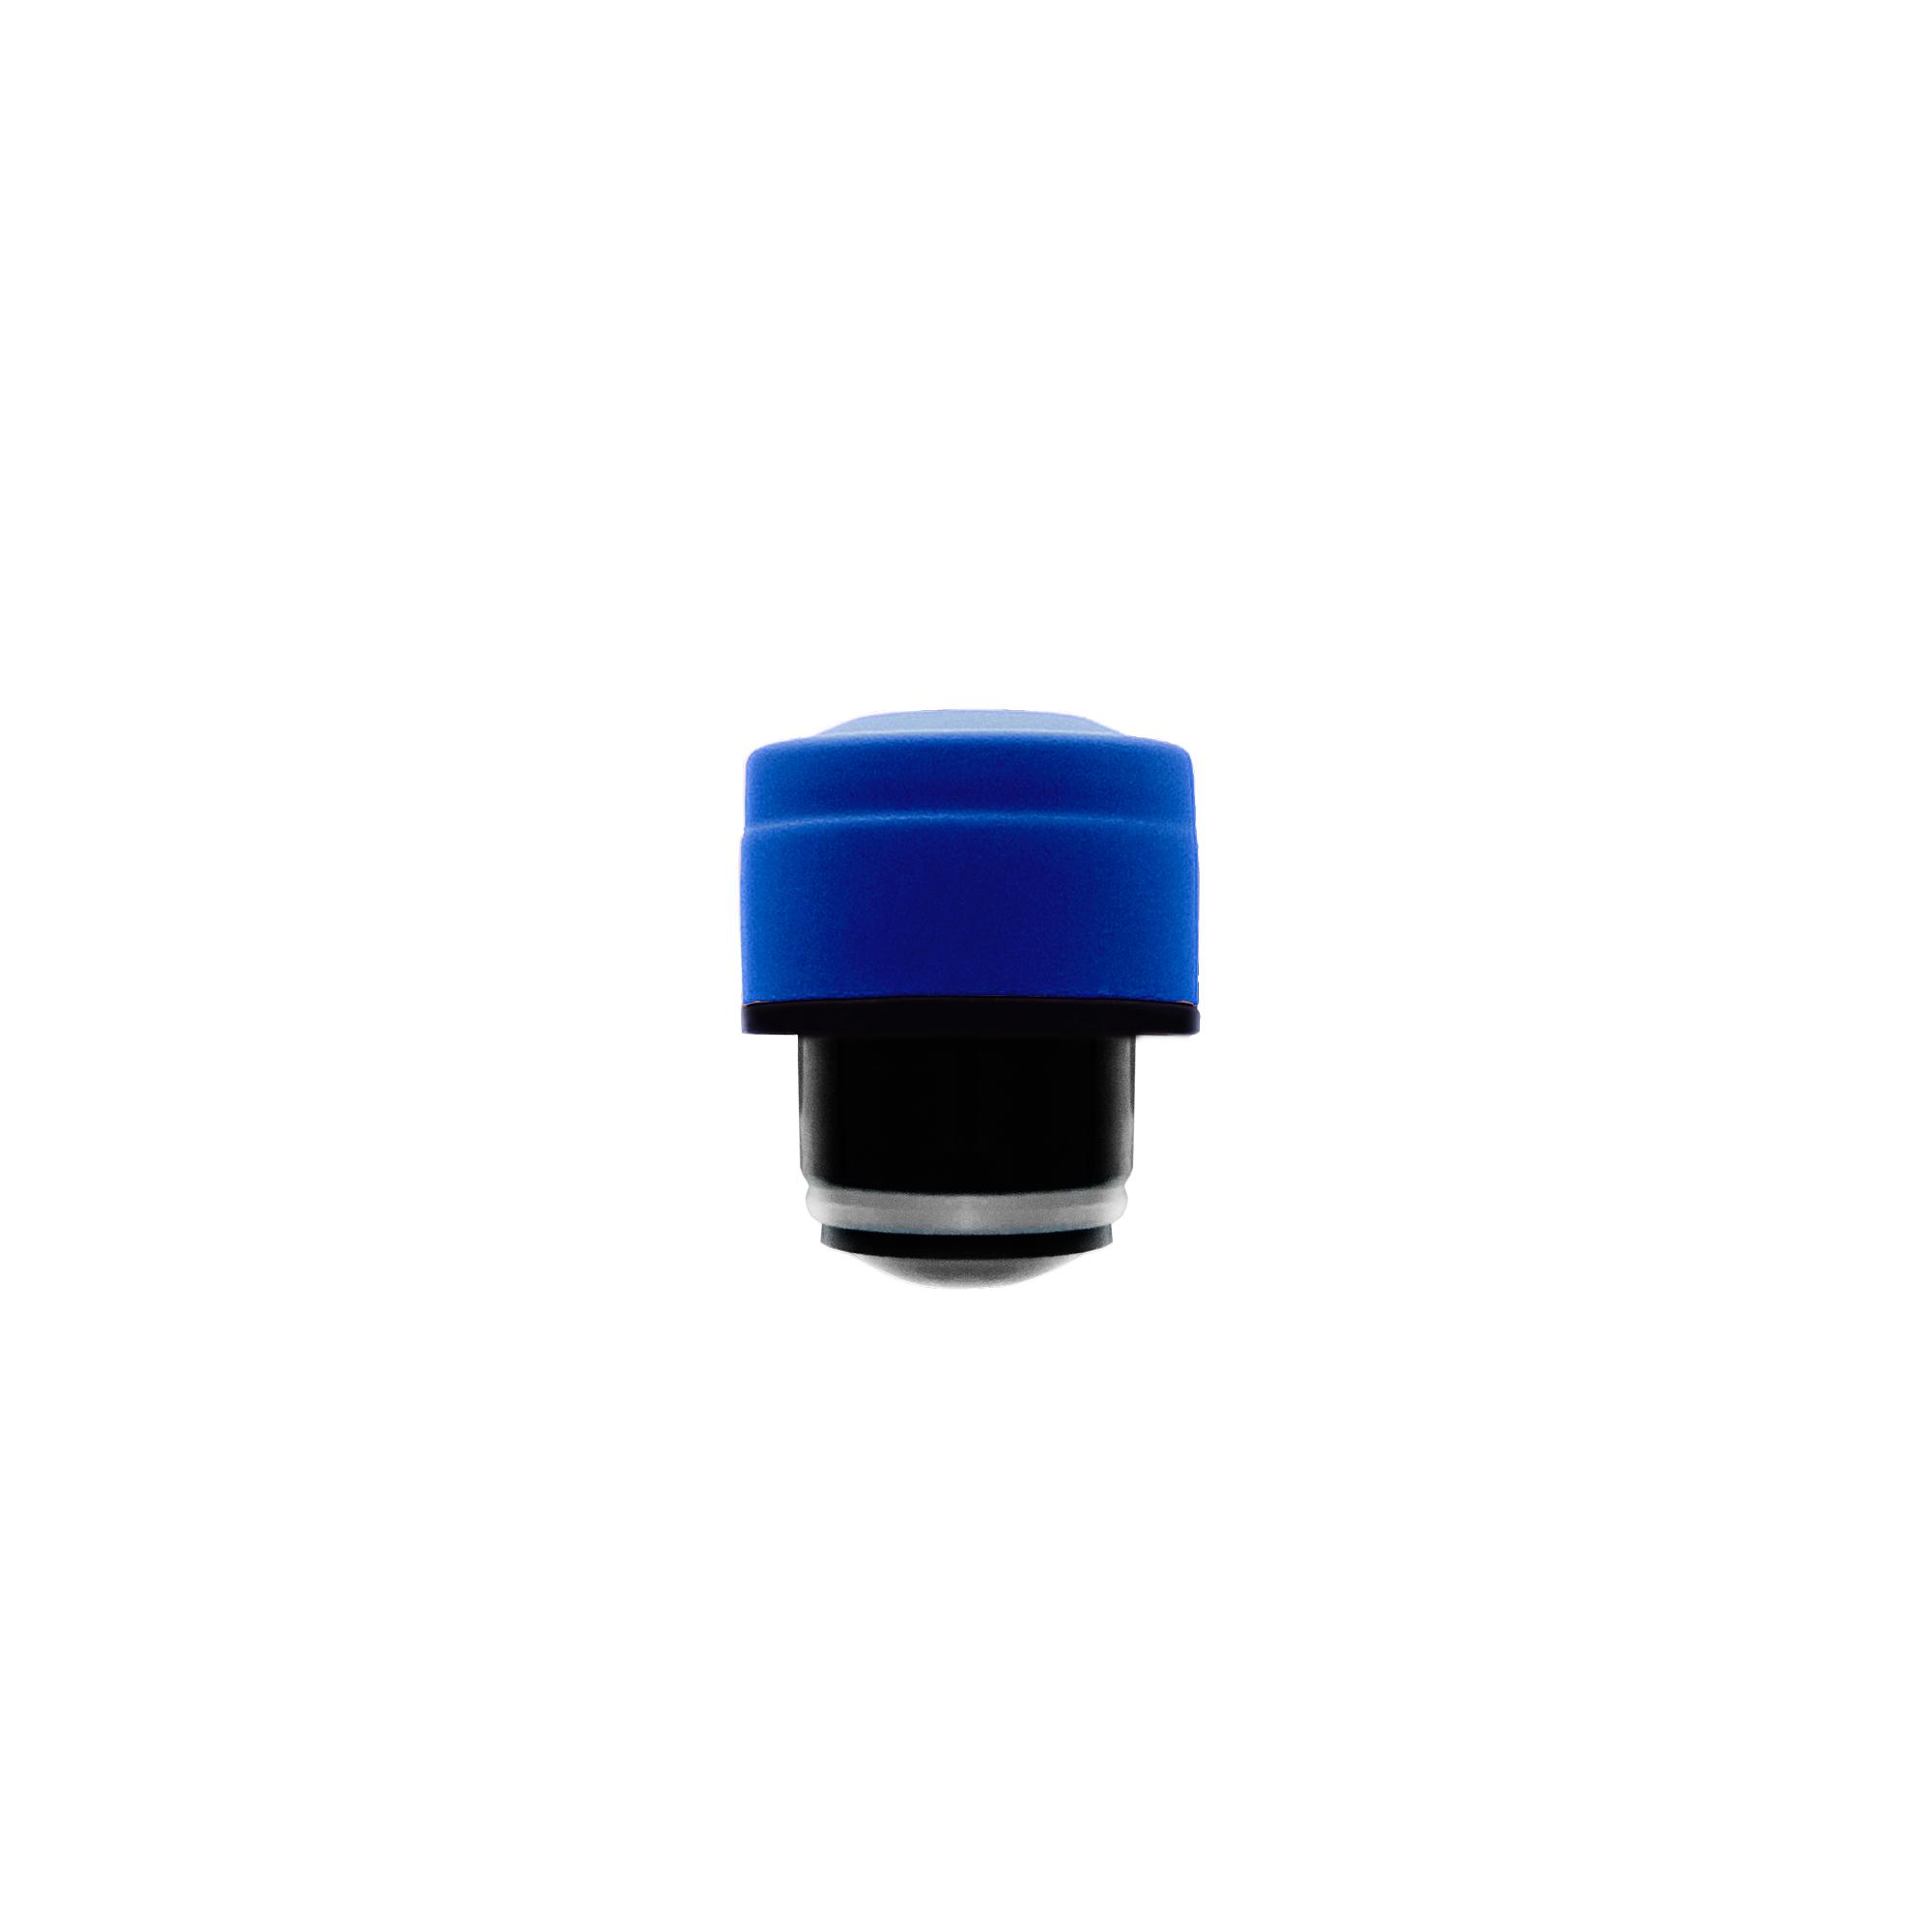 Tú botella de acero inoxidable - Tapón Vivid Blue 11